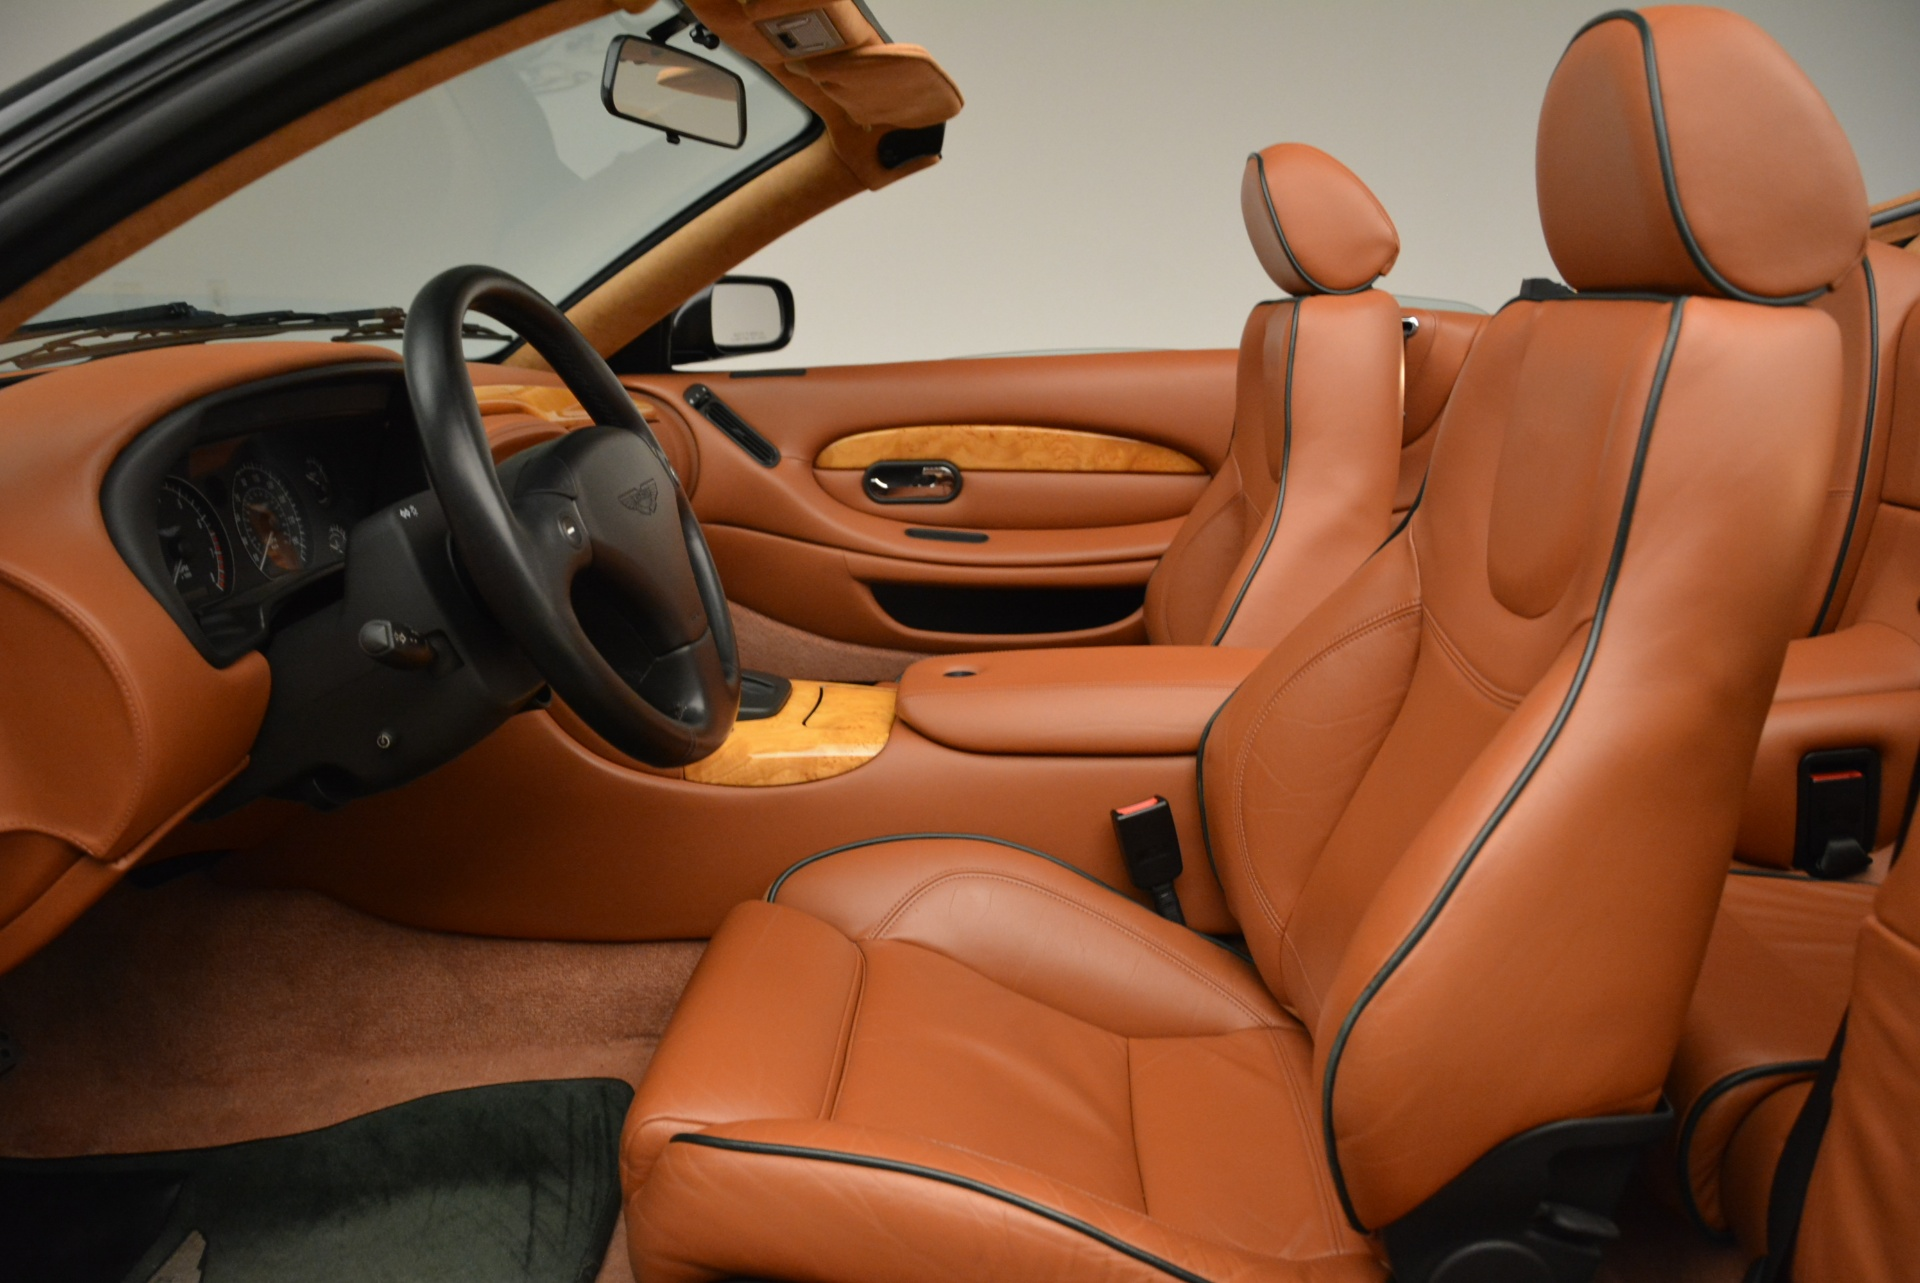 Used 2003 Aston Martin DB7 Vantage Volante For Sale In Greenwich, CT. Alfa Romeo of Greenwich, 7307 2084_p23